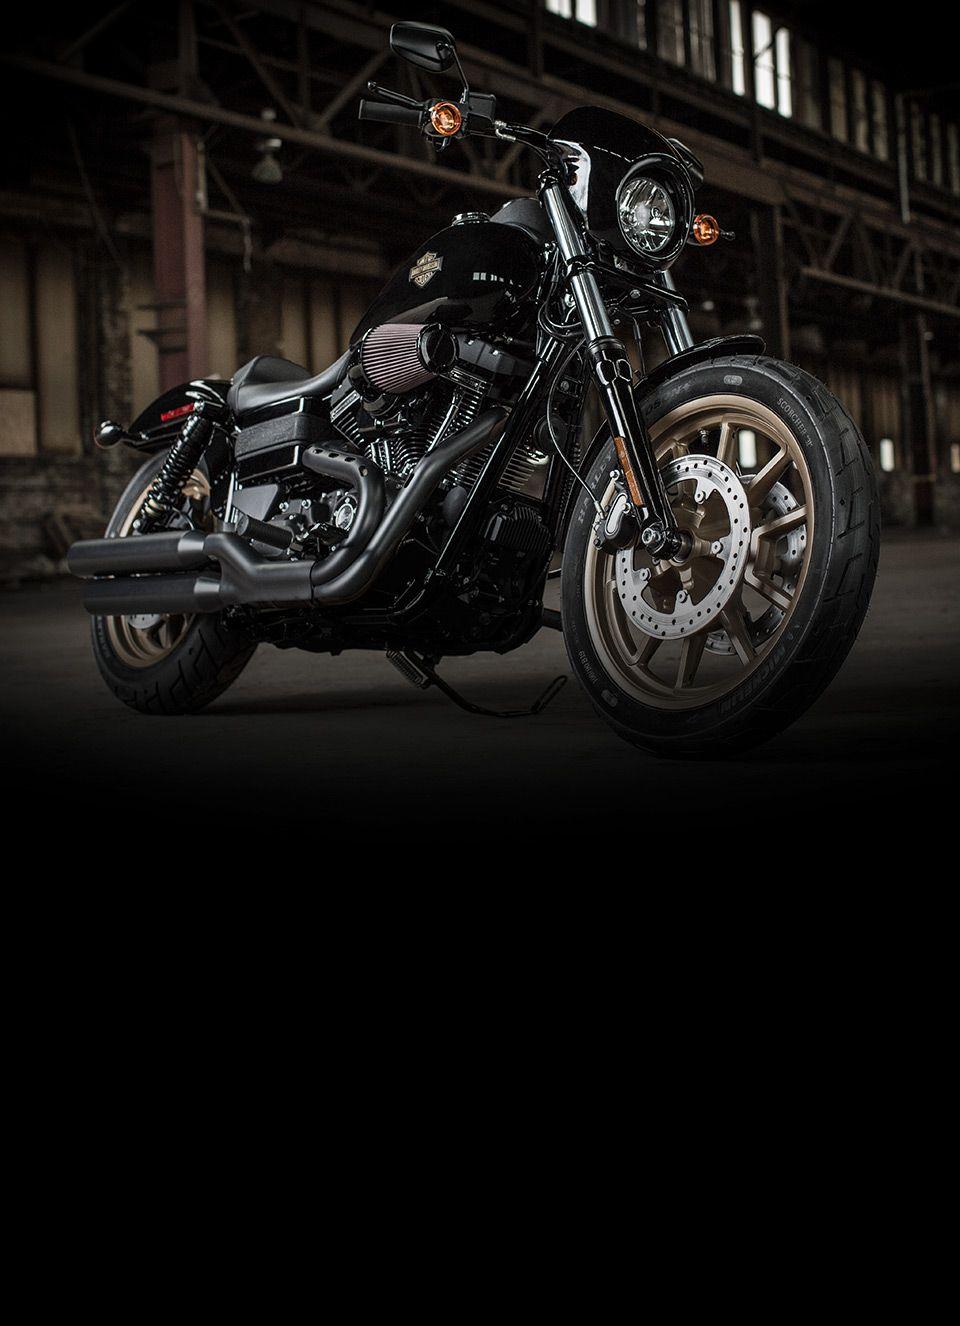 Mobile Image Harley Davidson Dyna Harley Davidson Wallpaper